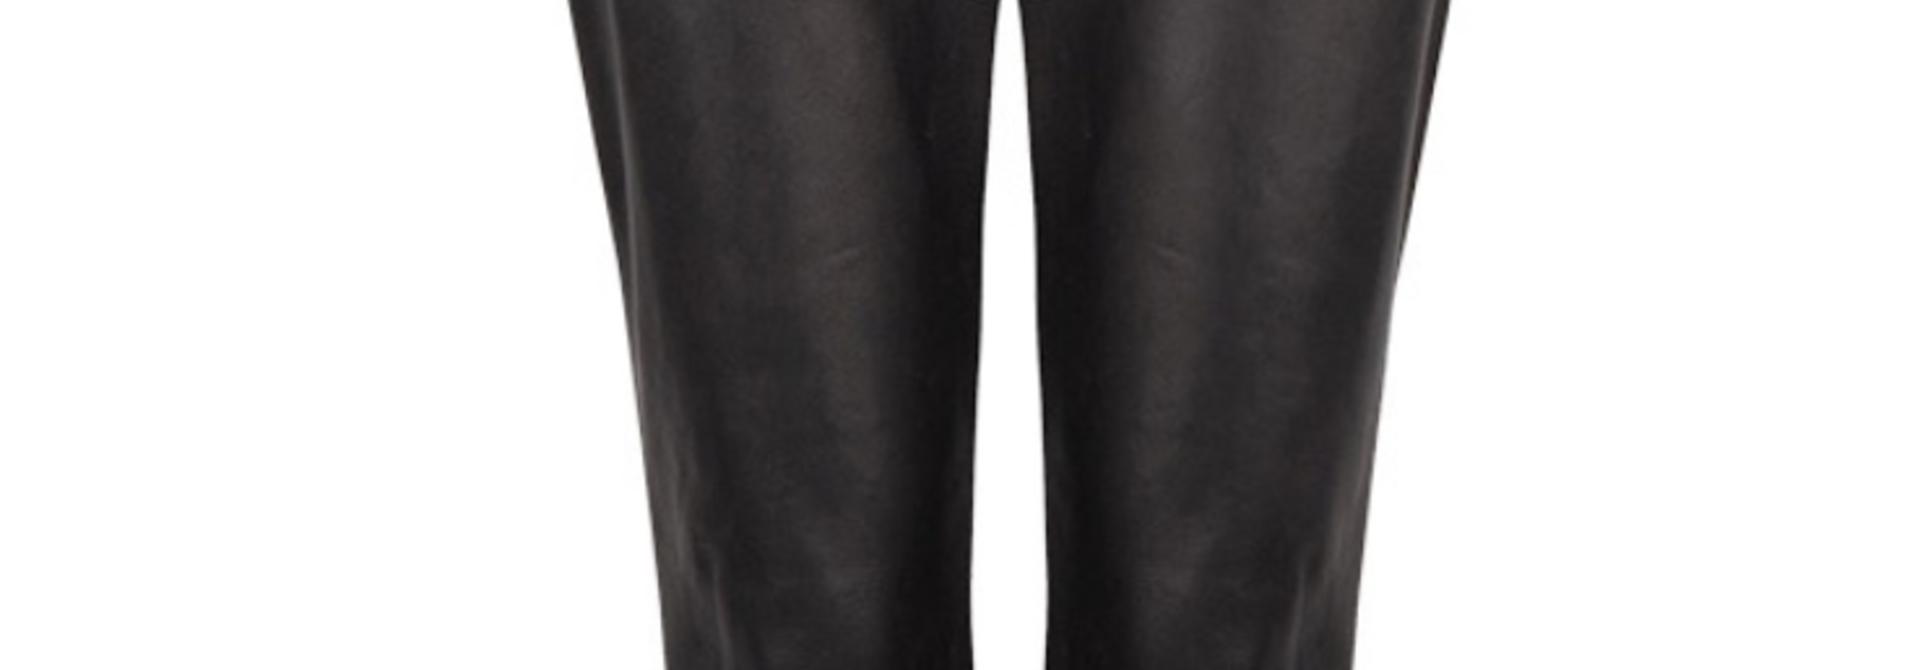 Duncan leather pants raven